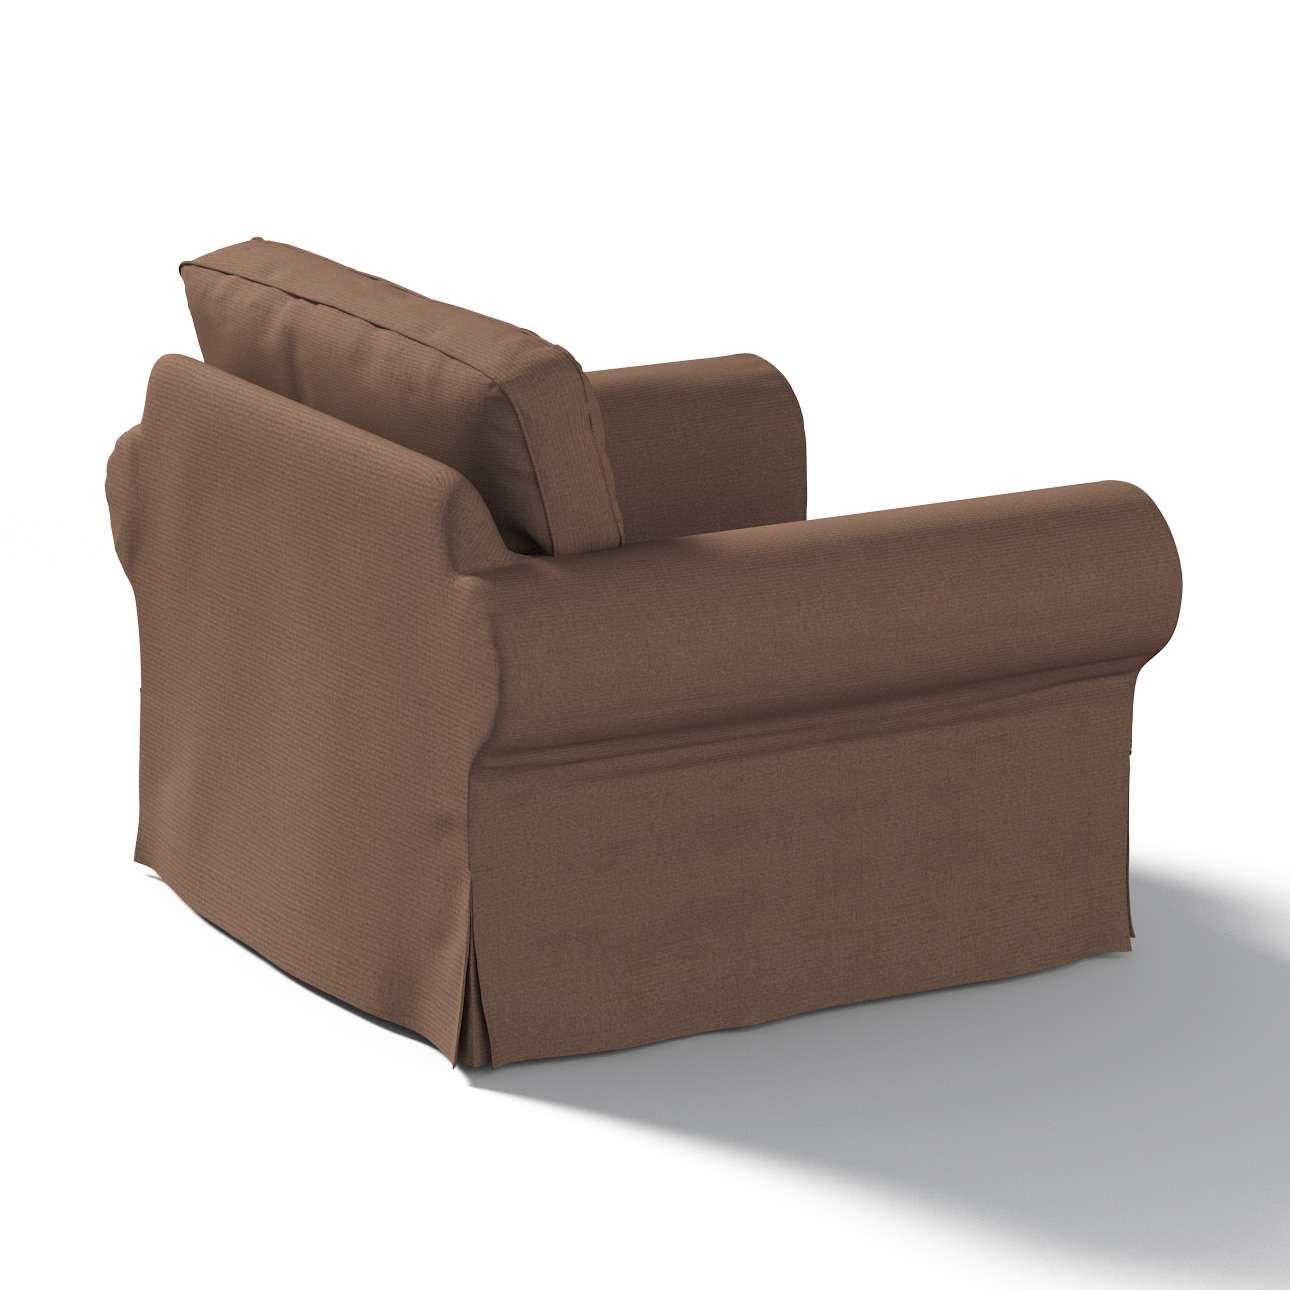 EKTORP fotelio užvalkalas Ektorp fotelio užvalkalas kolekcijoje Etna , audinys: 705-08